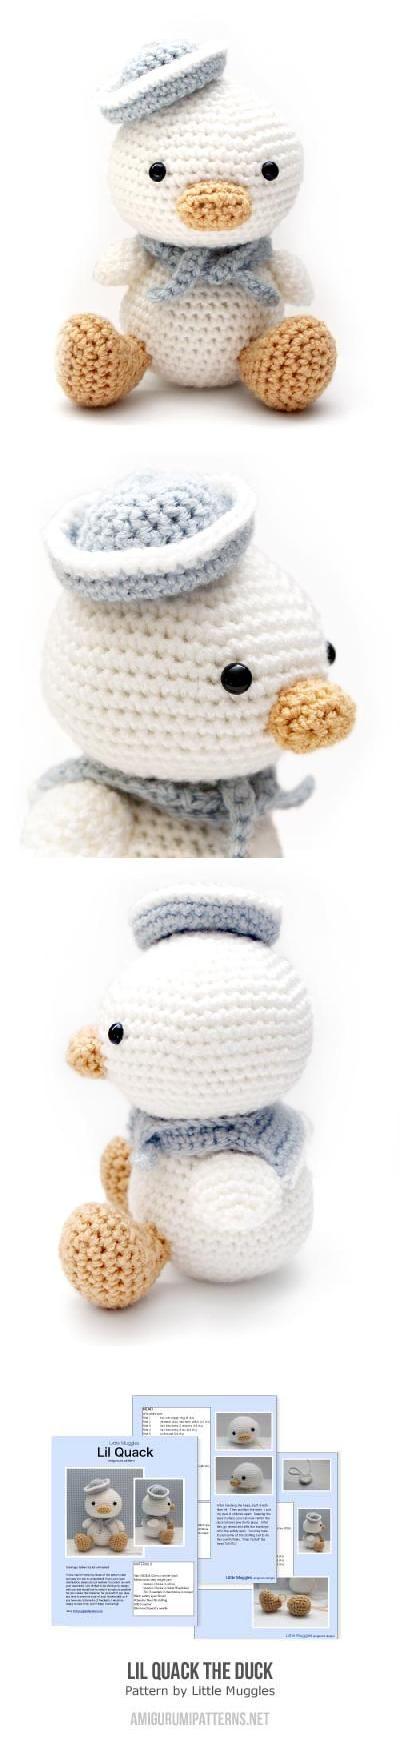 Lil Quack The Duck Amigurumi Pattern